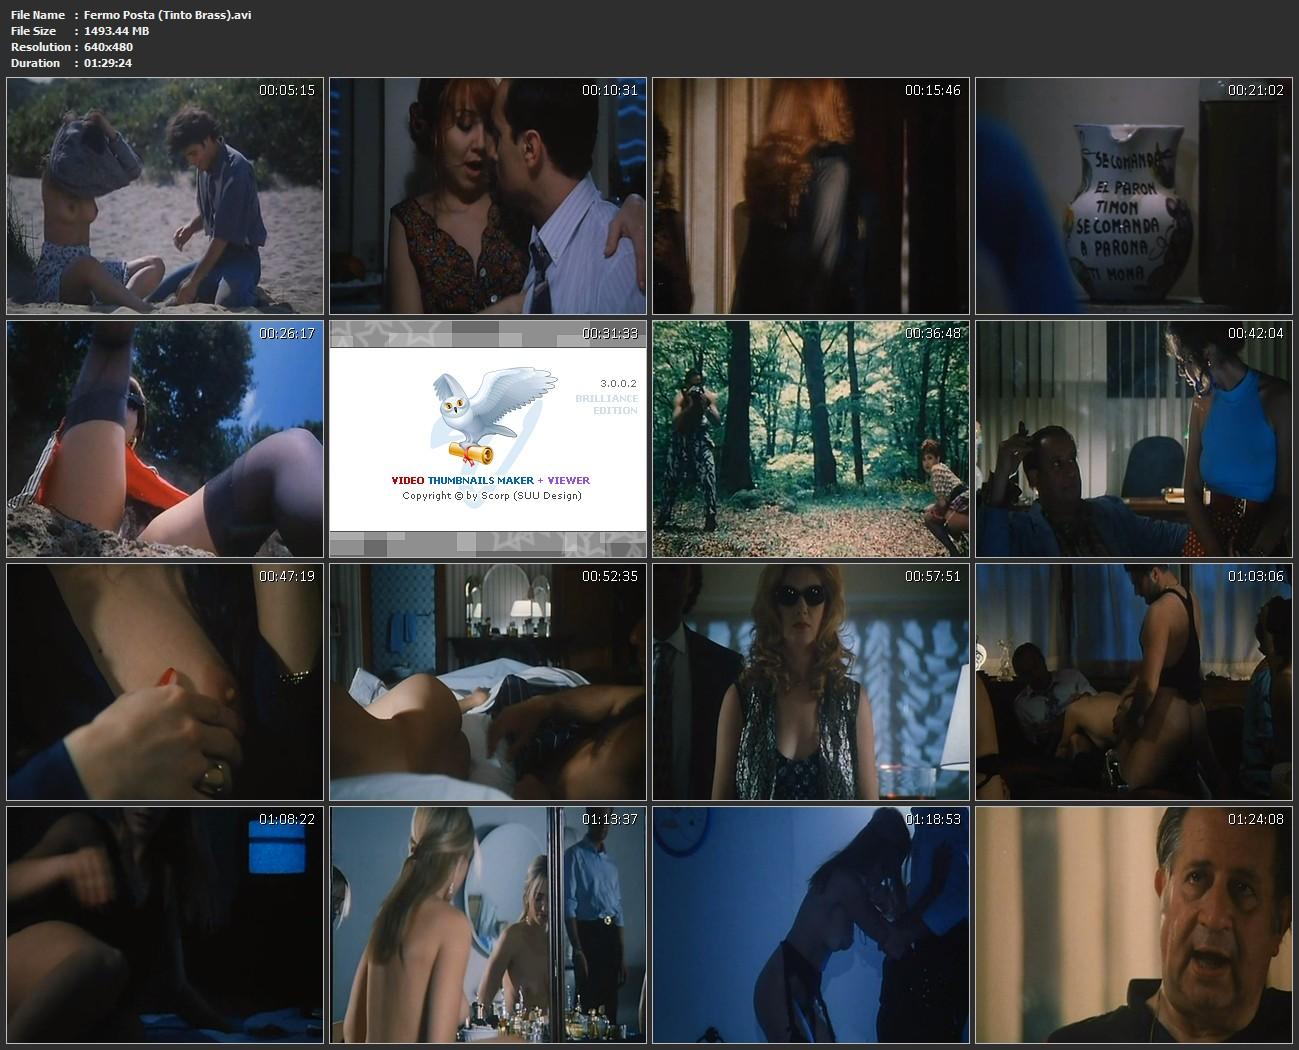 Смотреть онлайн порно фильмы Тинто Брасса